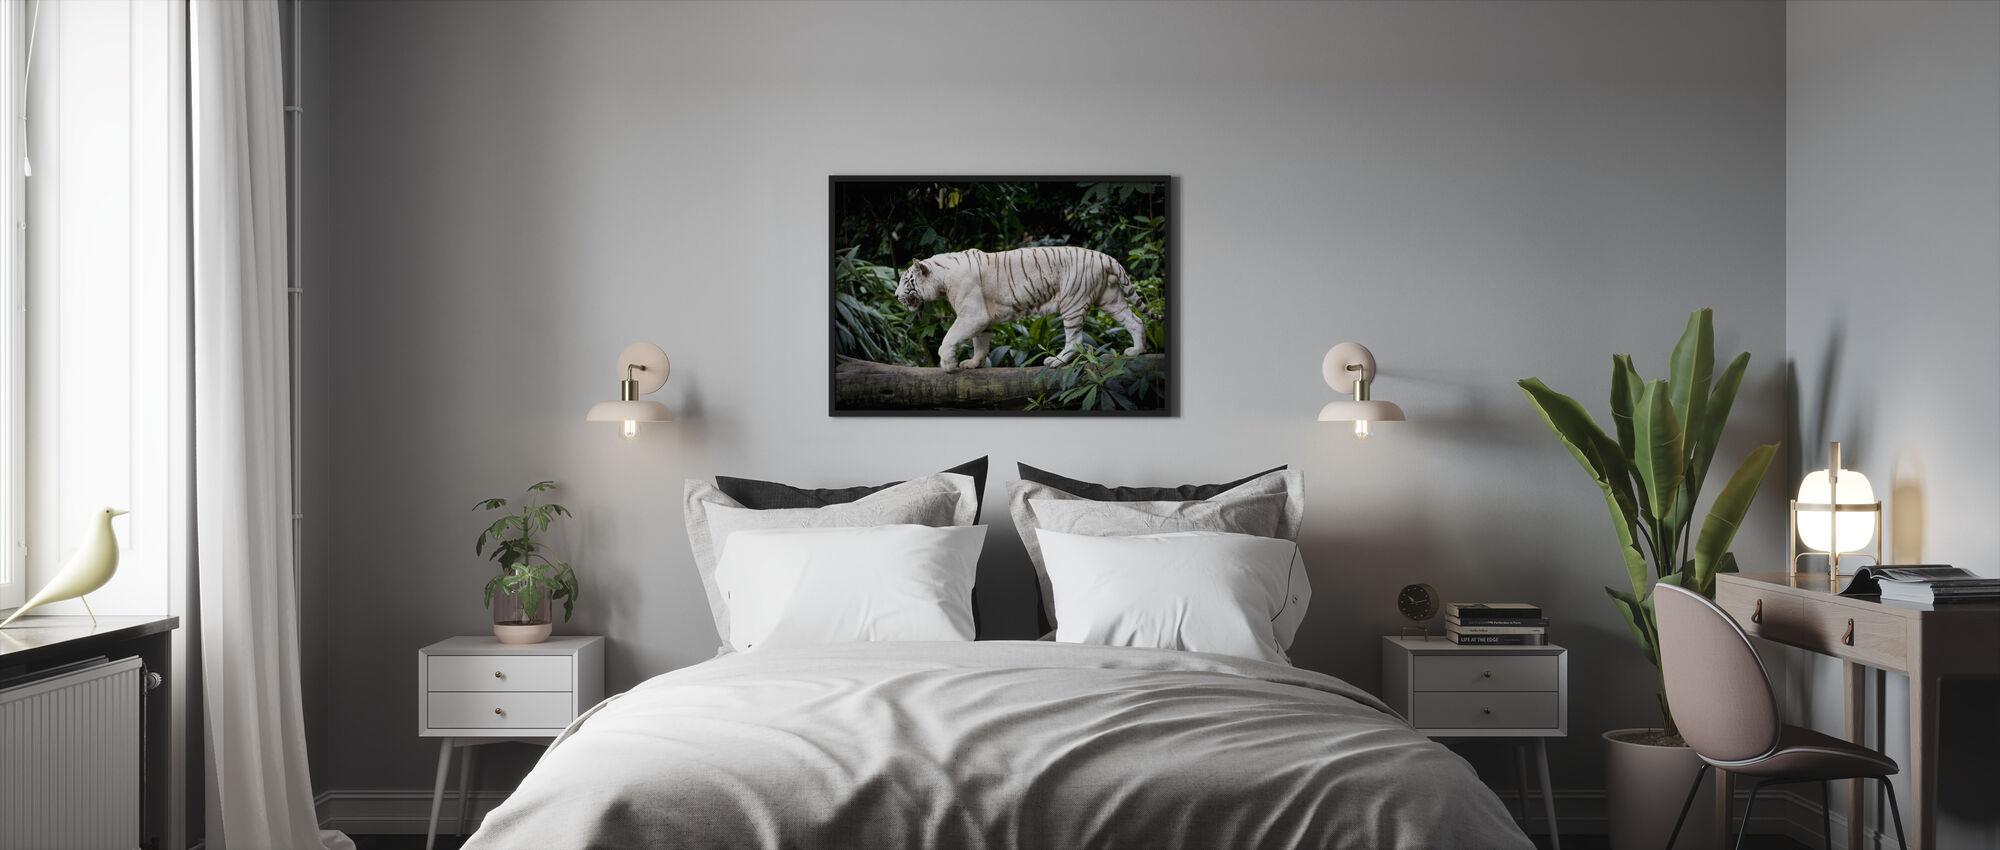 Mies Valkoinen Tiikeri - Kehystetty kuva - Makuuhuone